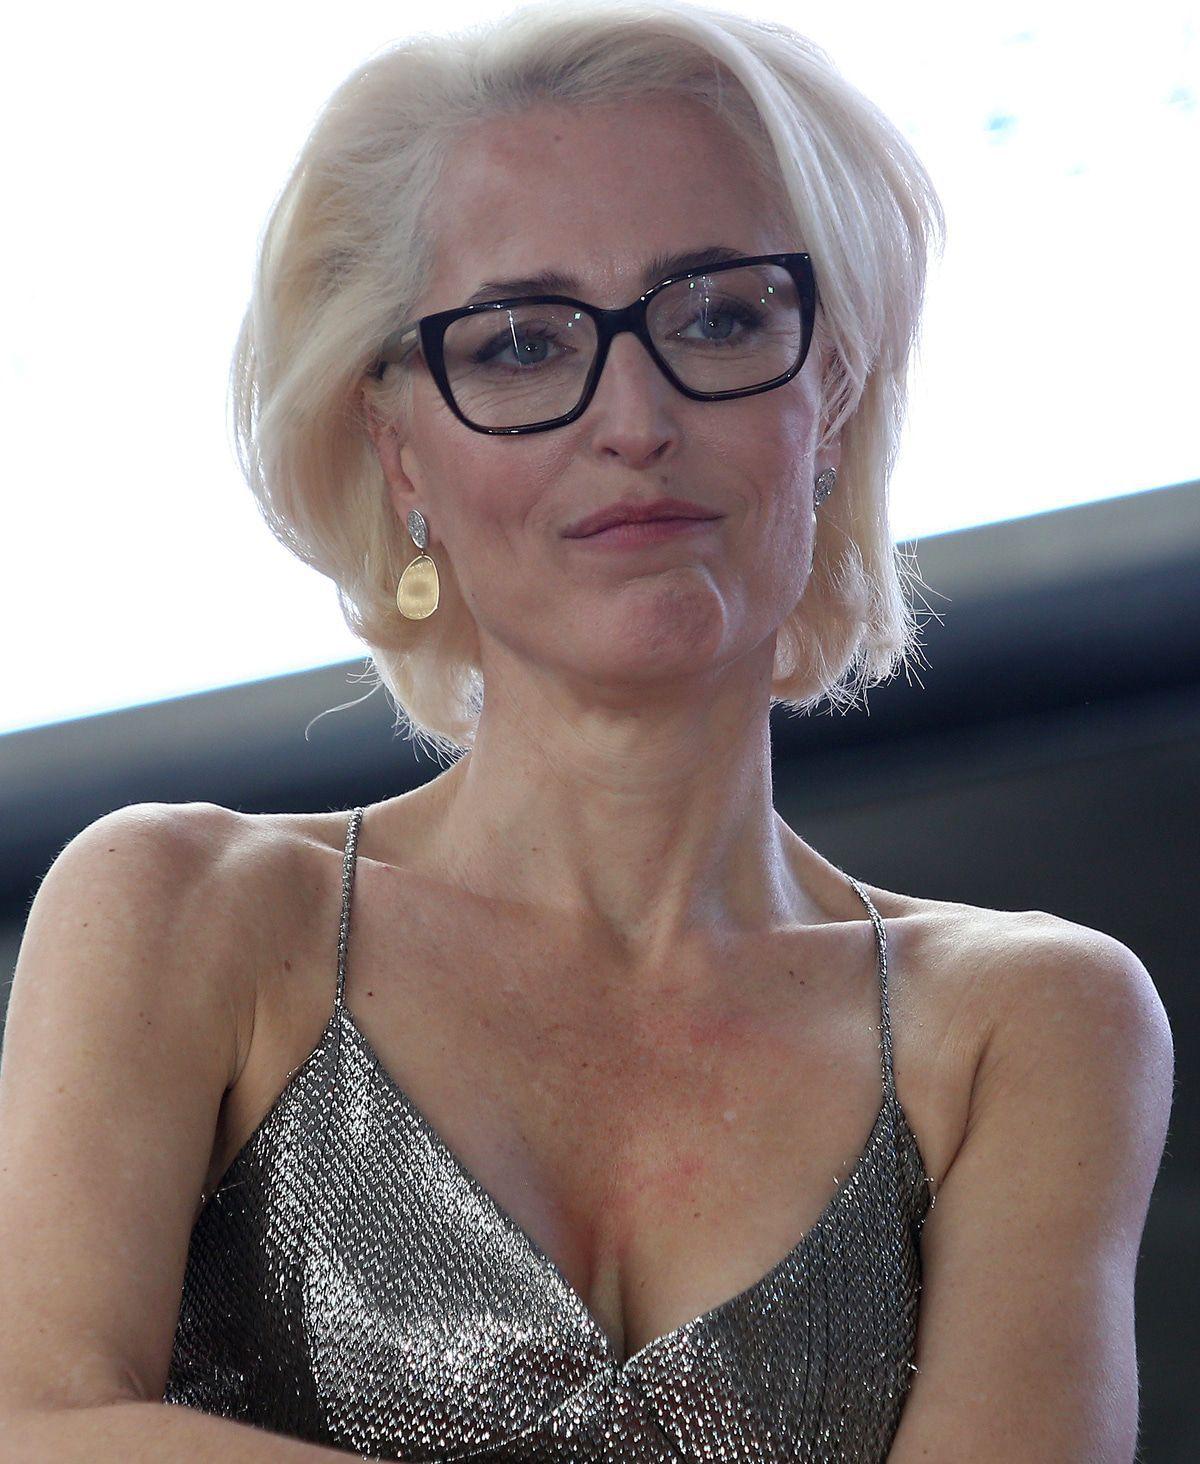 Akte X: Was macht eigentlich Gillian Anderson?